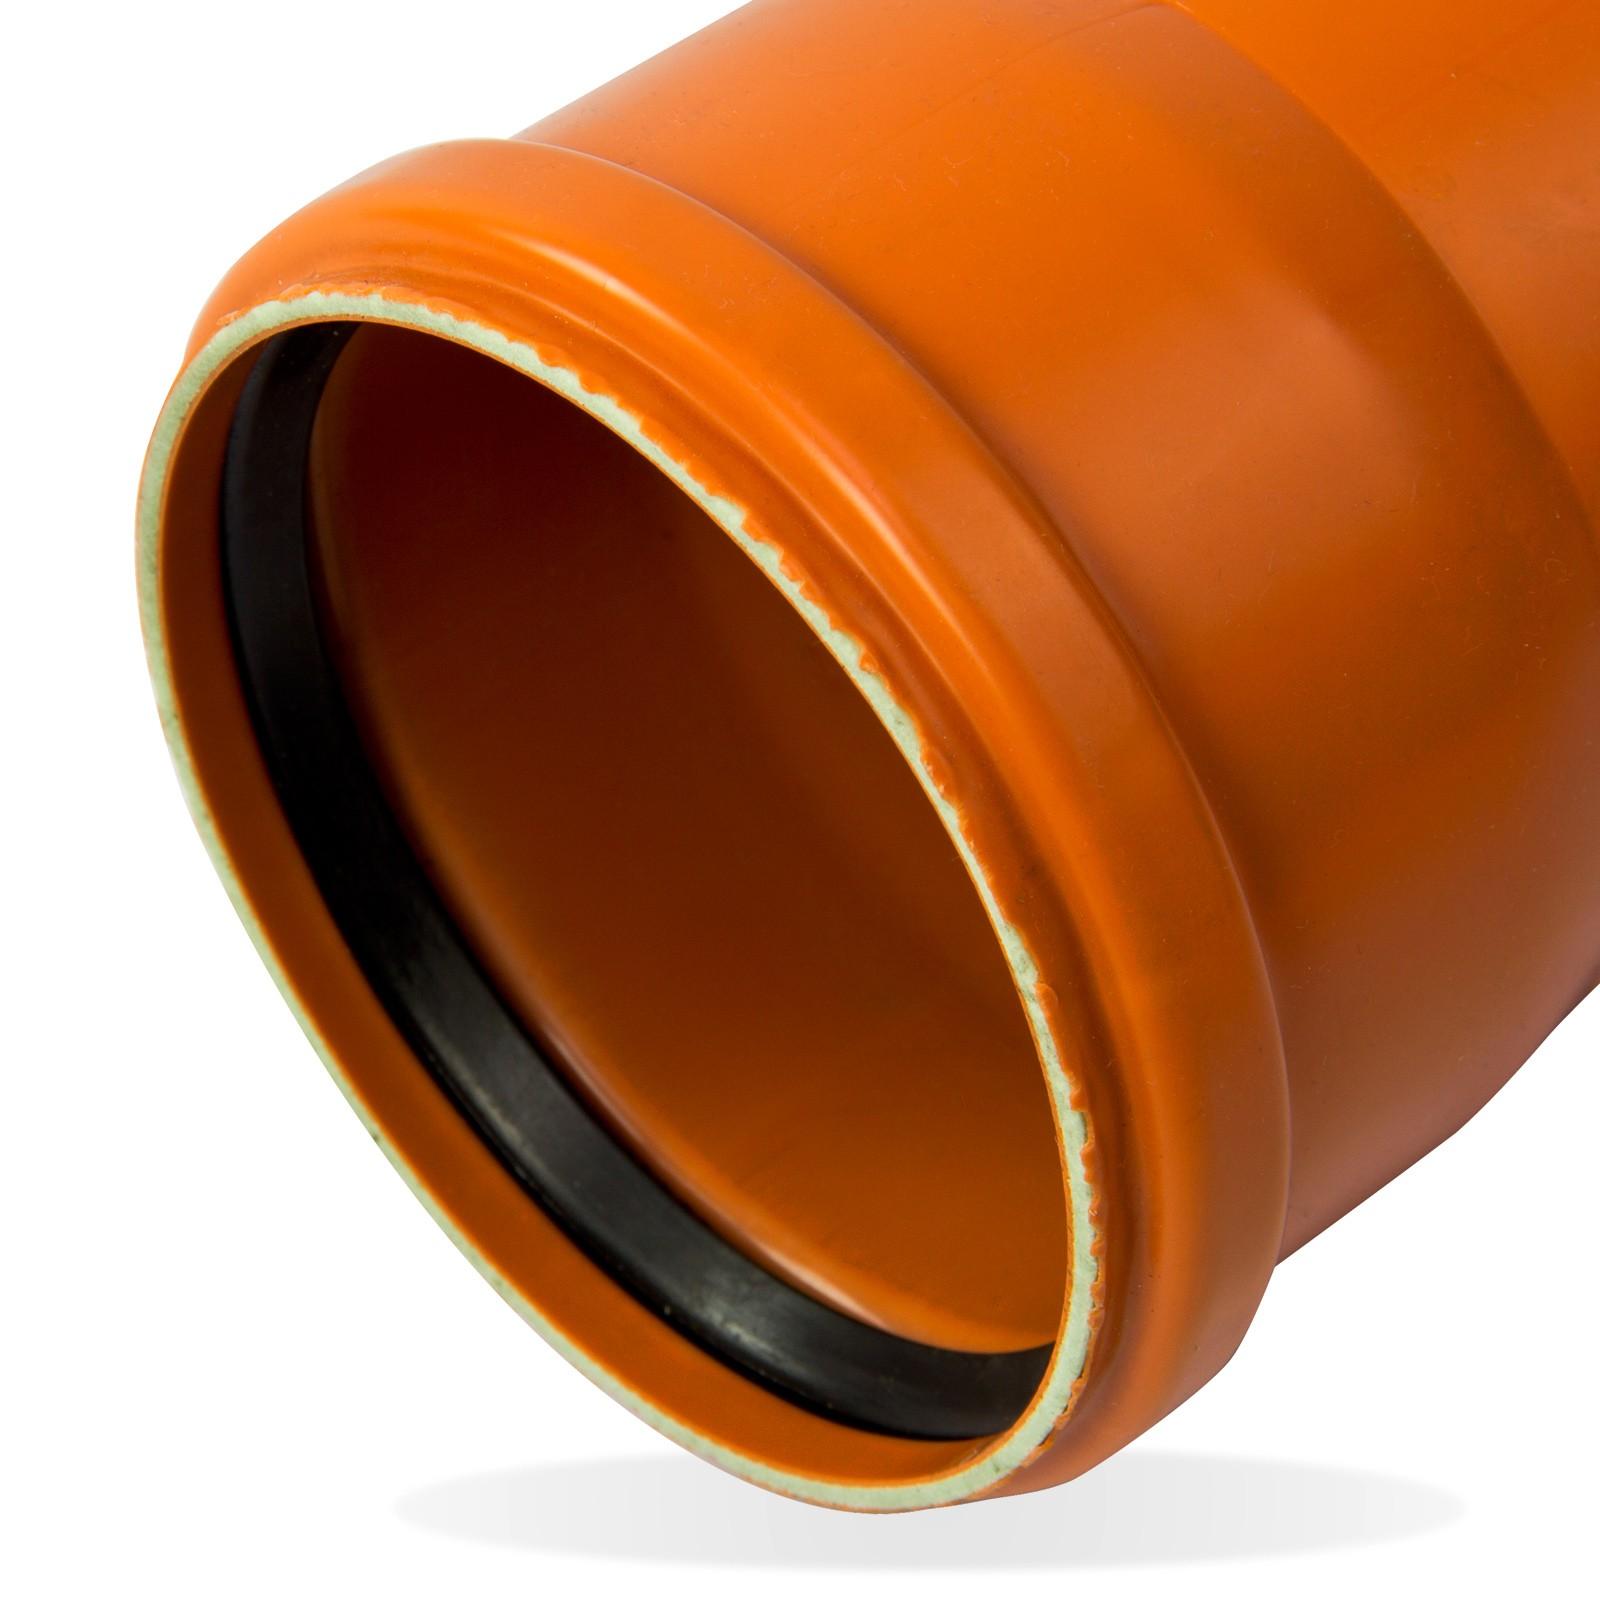 ostendorf kg rohr dn500 1000mm 1m nw500 500mm abwasserrohr schachtrohr kanalrohr. Black Bedroom Furniture Sets. Home Design Ideas